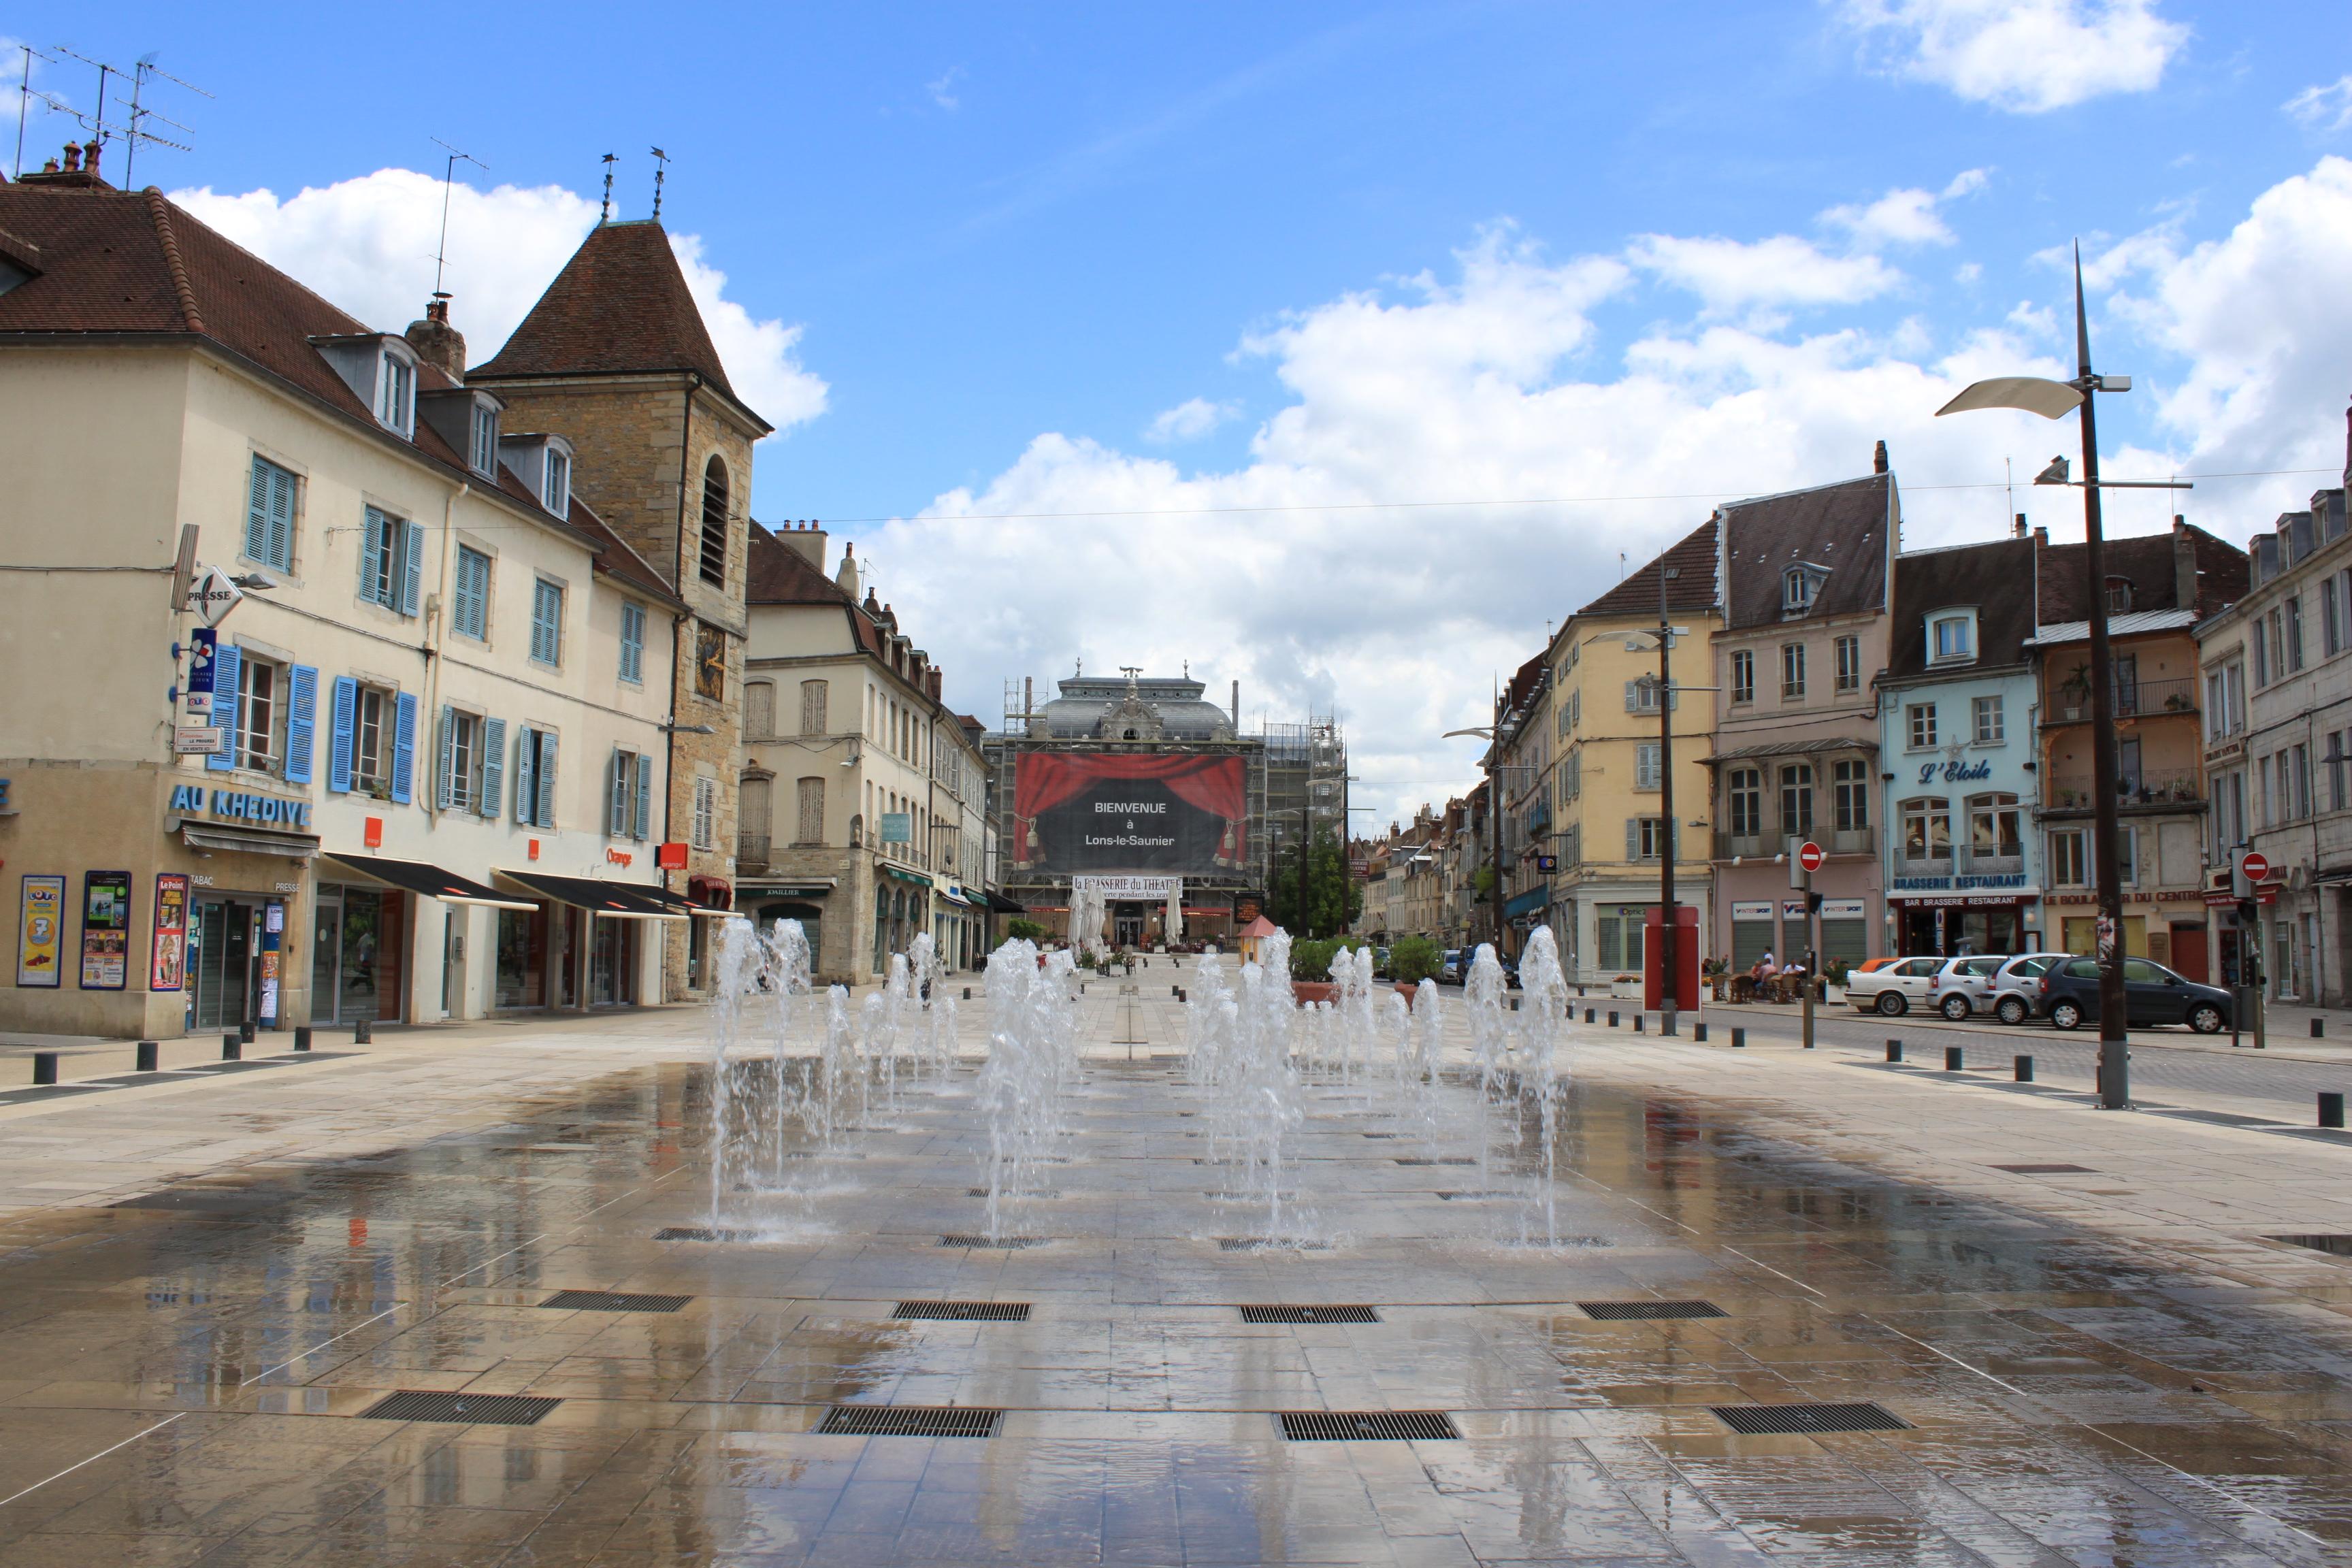 Lons-le-Saunier_-_Place_de_la_liberté_5